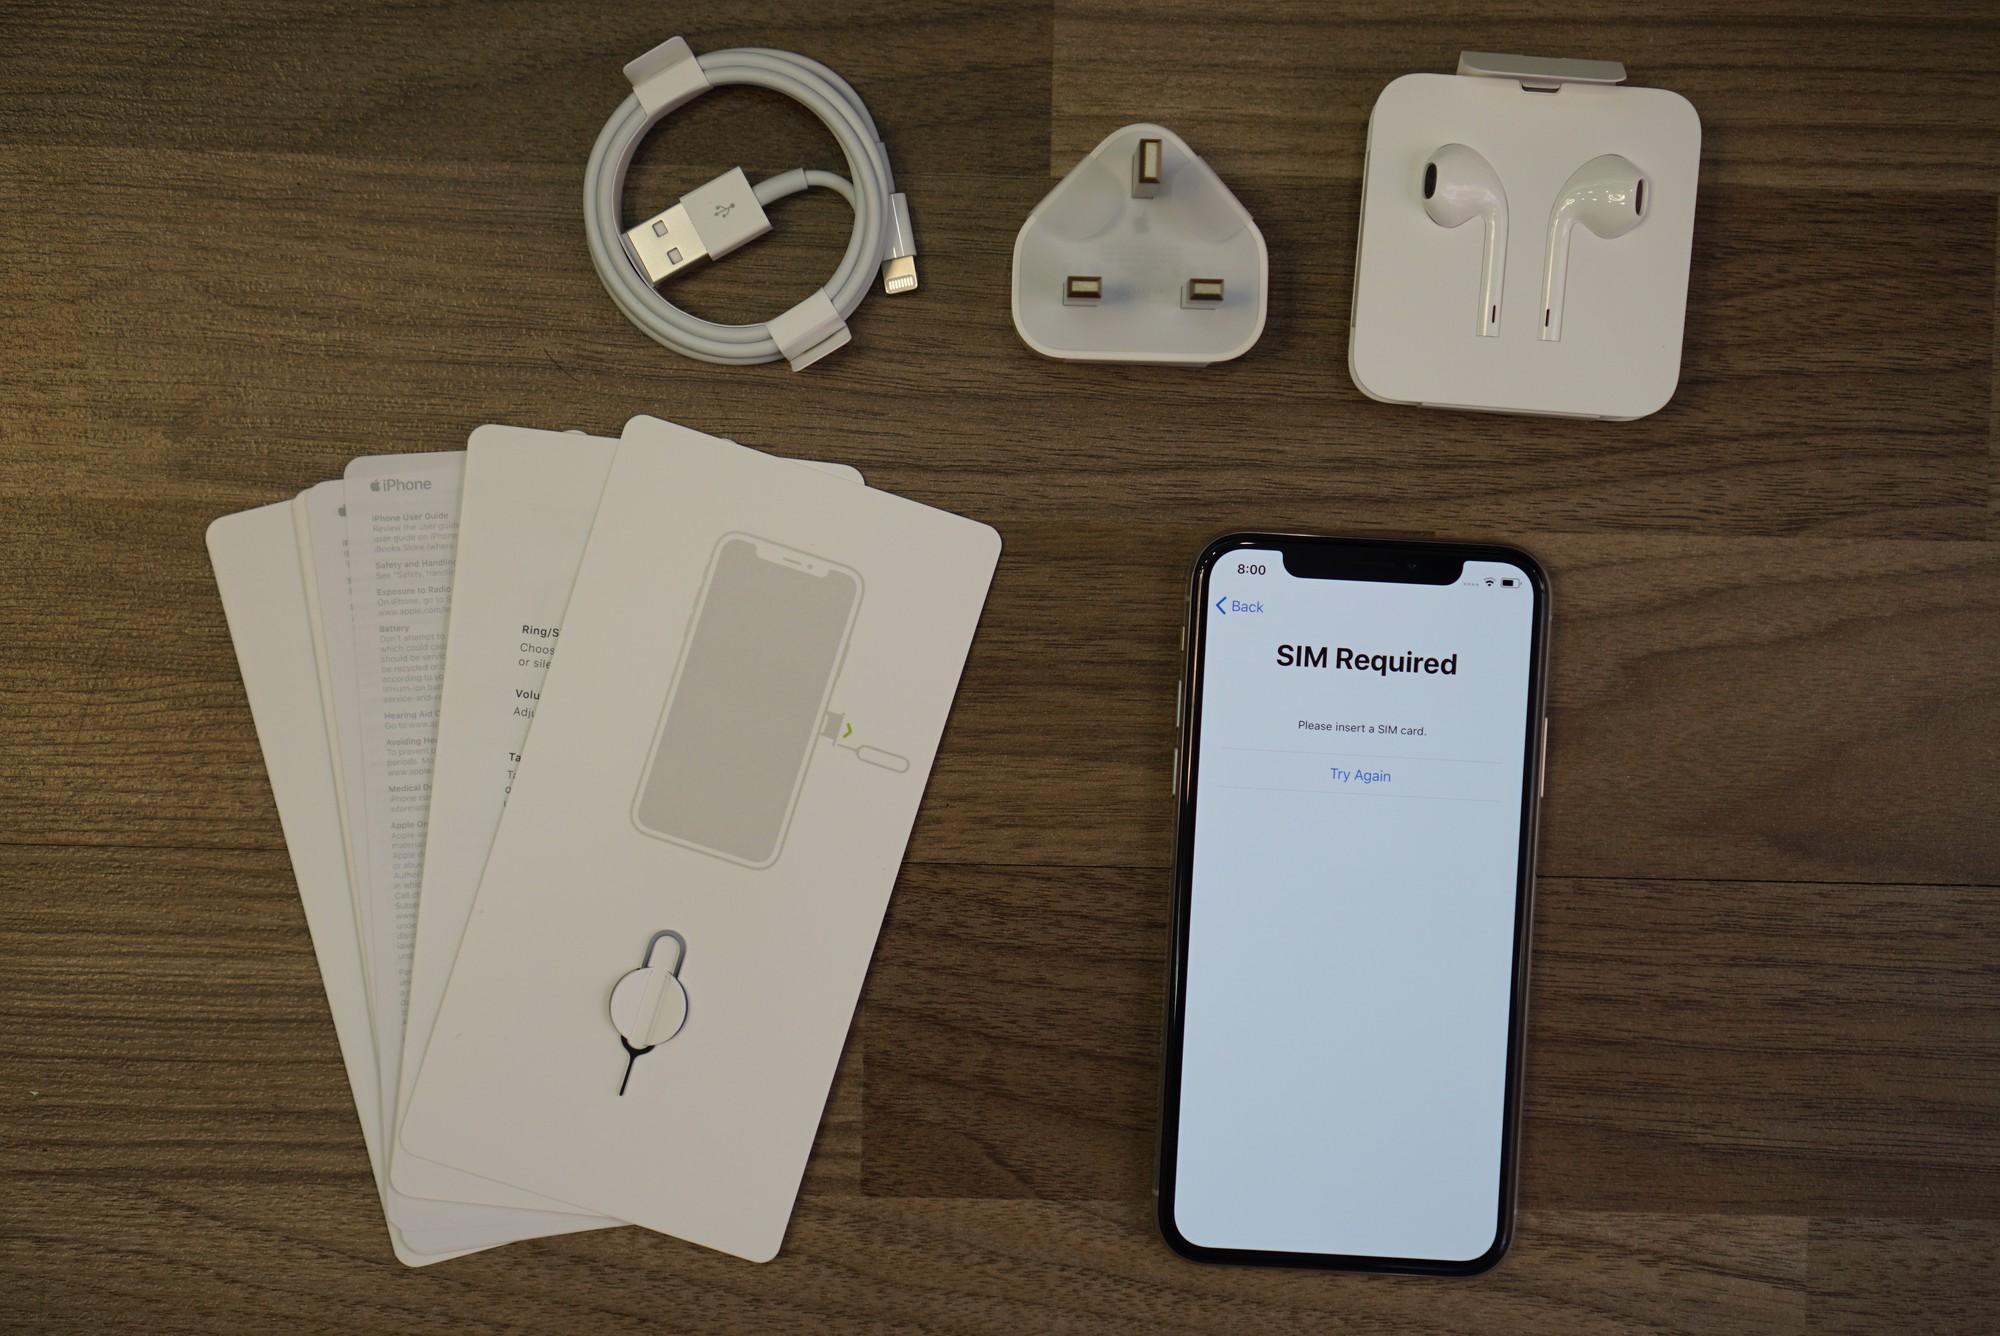 iPhone X giá 68 triệu đây rồi: Màn hình đẹp sắc sảo, thiết kế toàn diện, thao tác hoàn toàn mới - Ảnh 4.